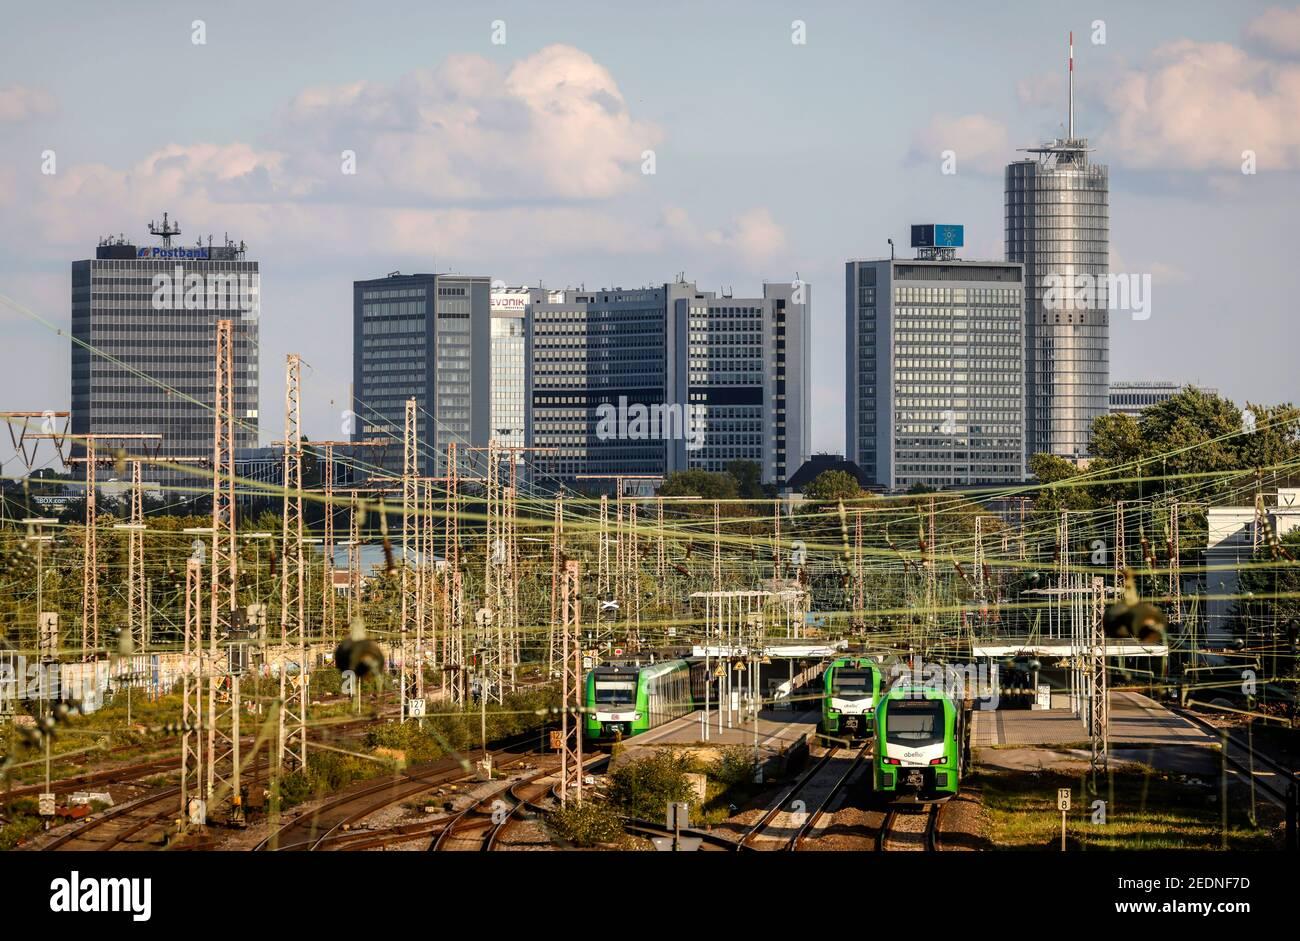 07.09.2020, Essen, Rhénanie-du-Nord-Westphalie, Allemagne - vue panoramique sur la ville avec la Tour Postbank, le siège d'Evonik et la Tour RWE, en face des trains de banlieue à Banque D'Images